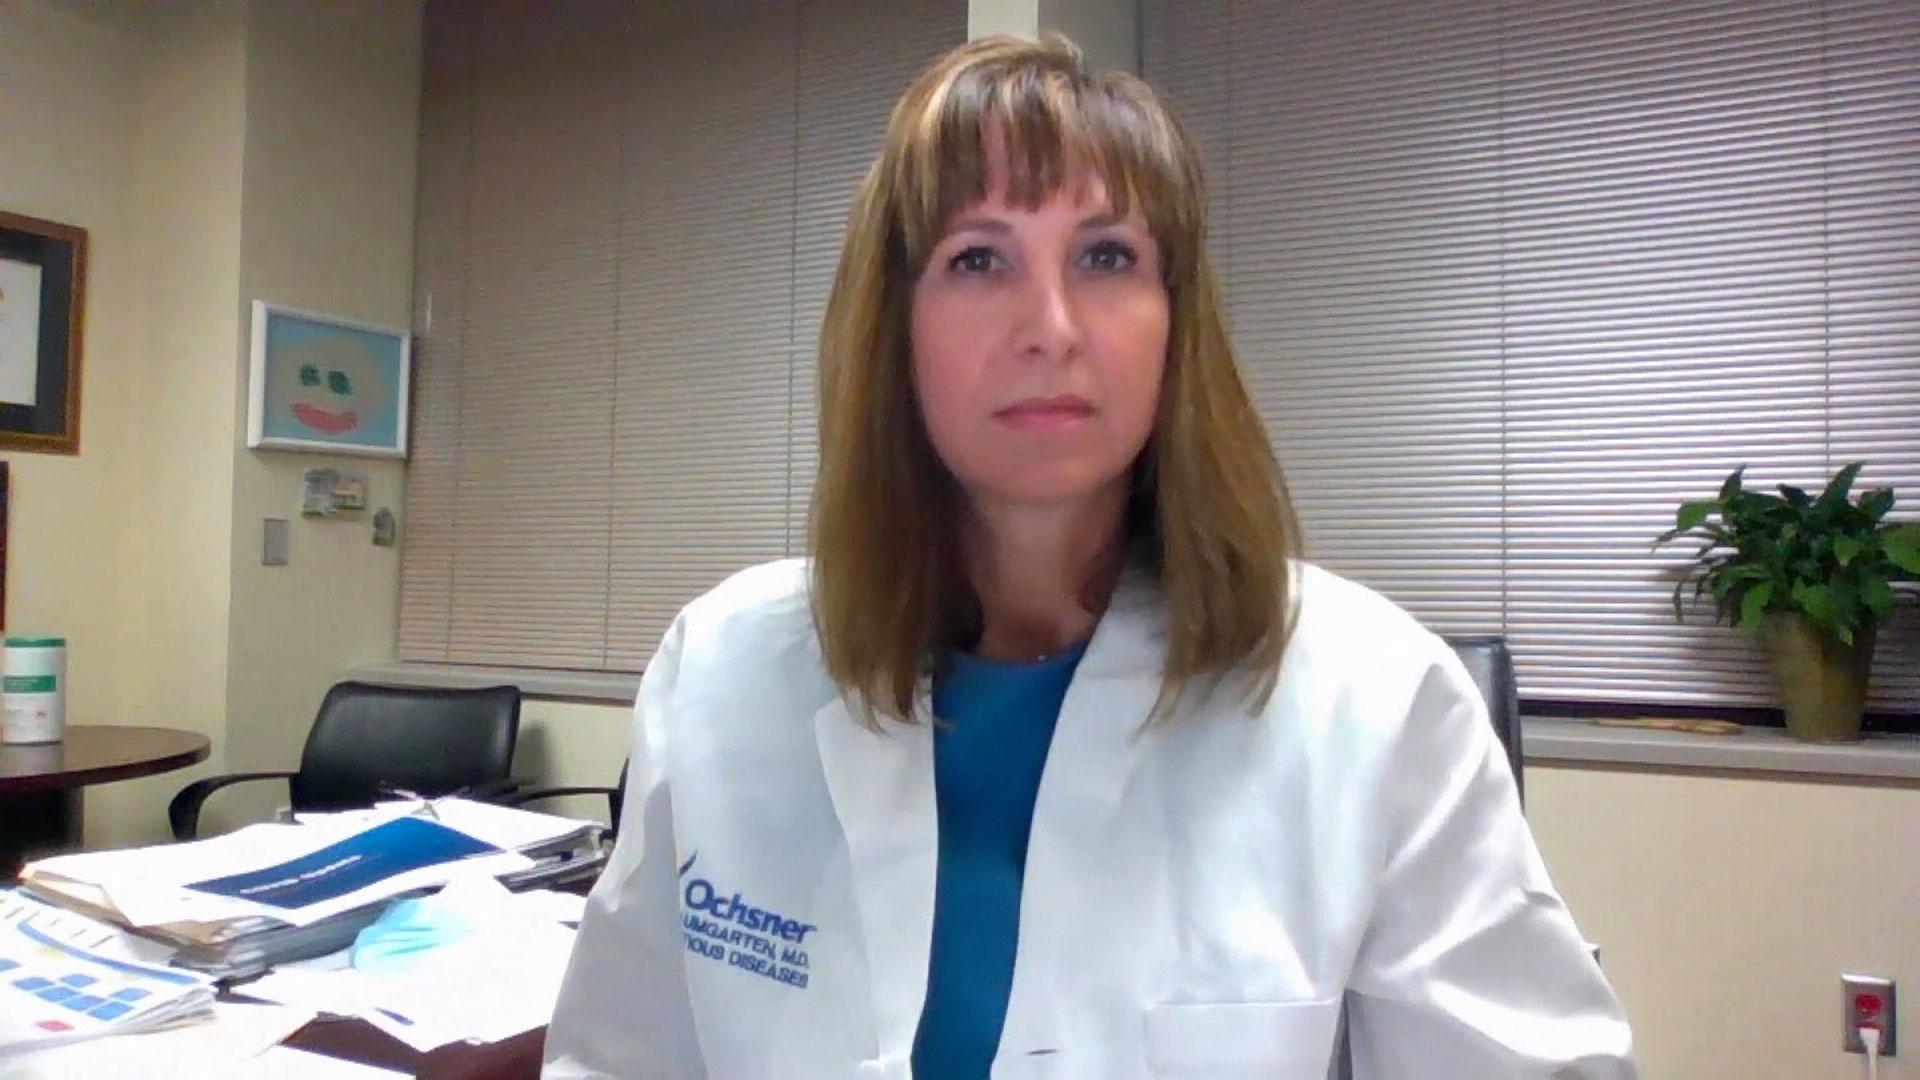 Dr. Katherine Baumgarten on August 4, 2021.